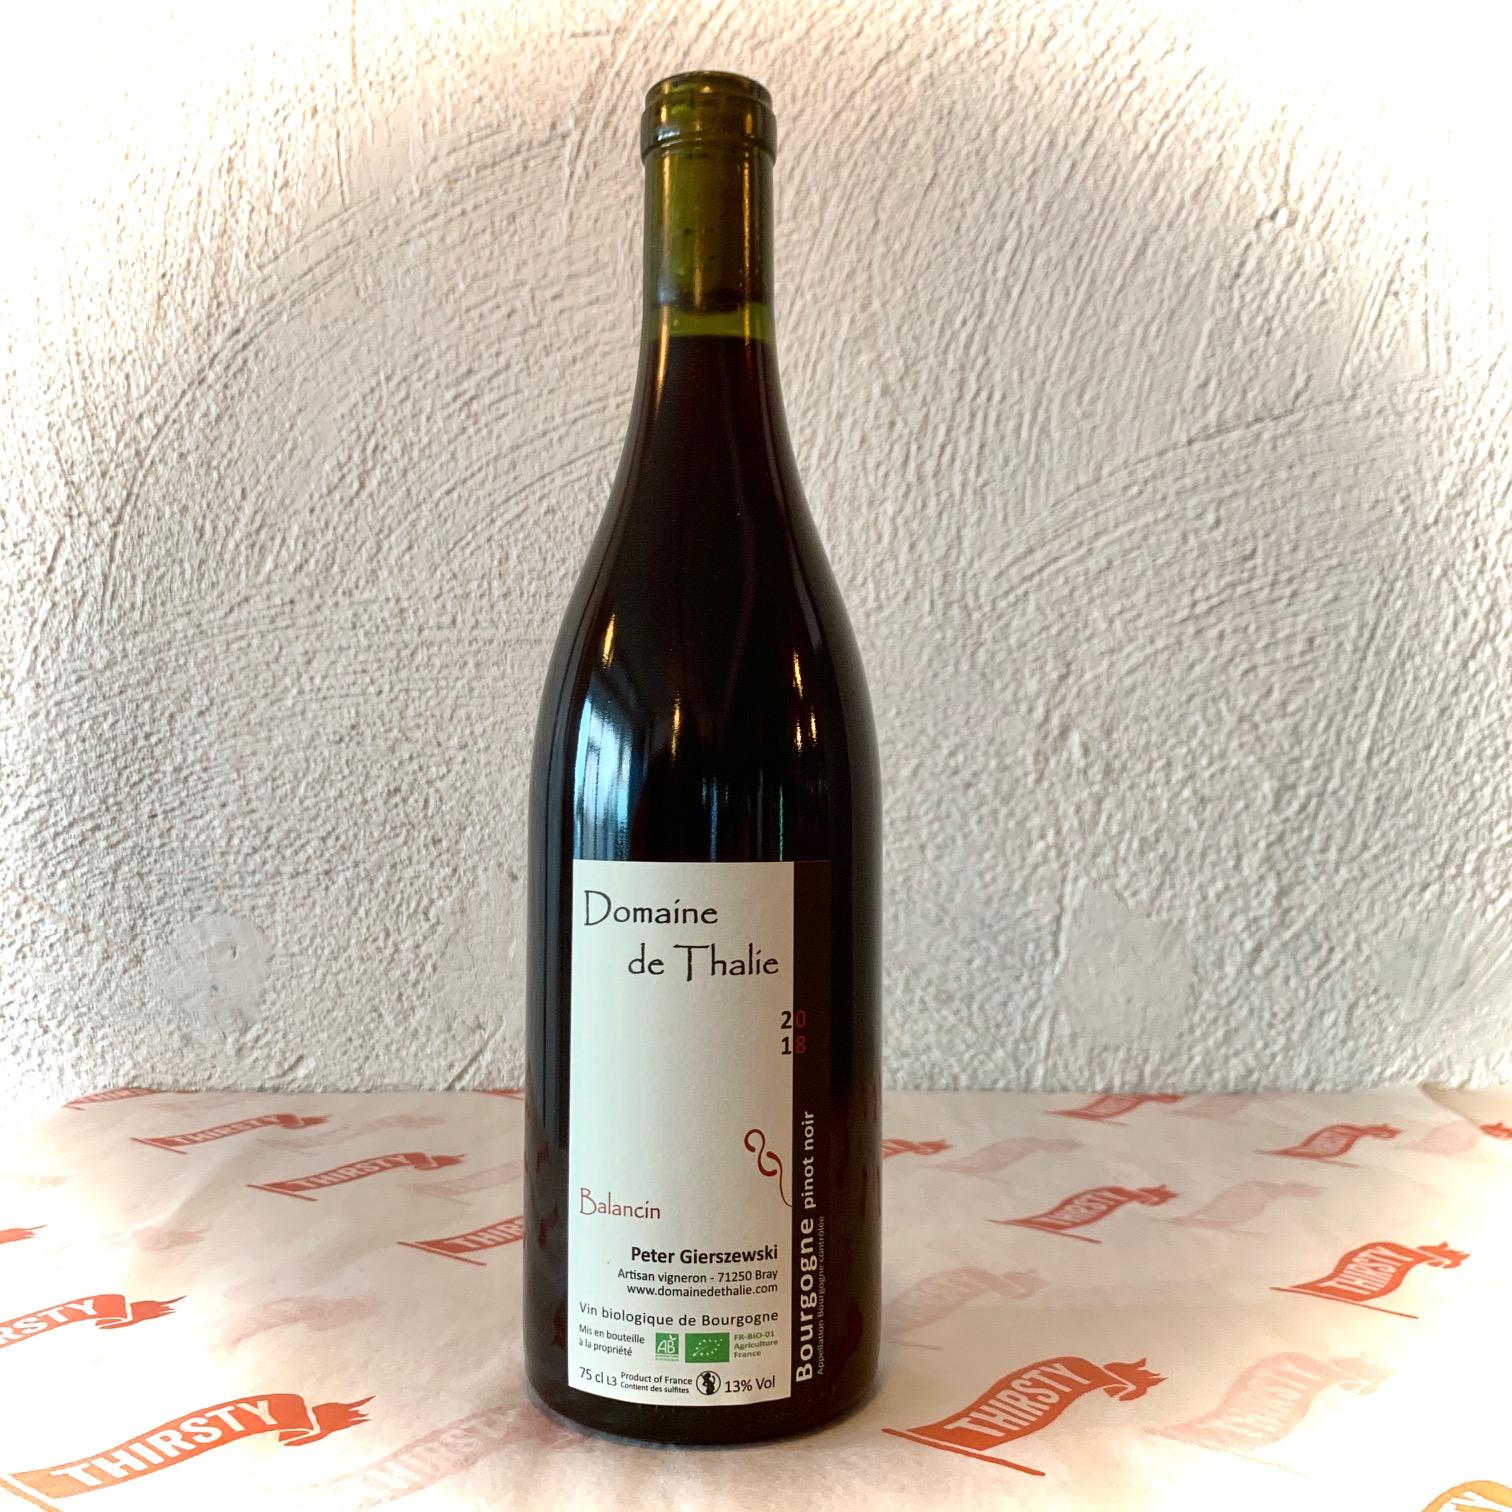 Domaine de Thalie Balancin Pinot Noir 2018